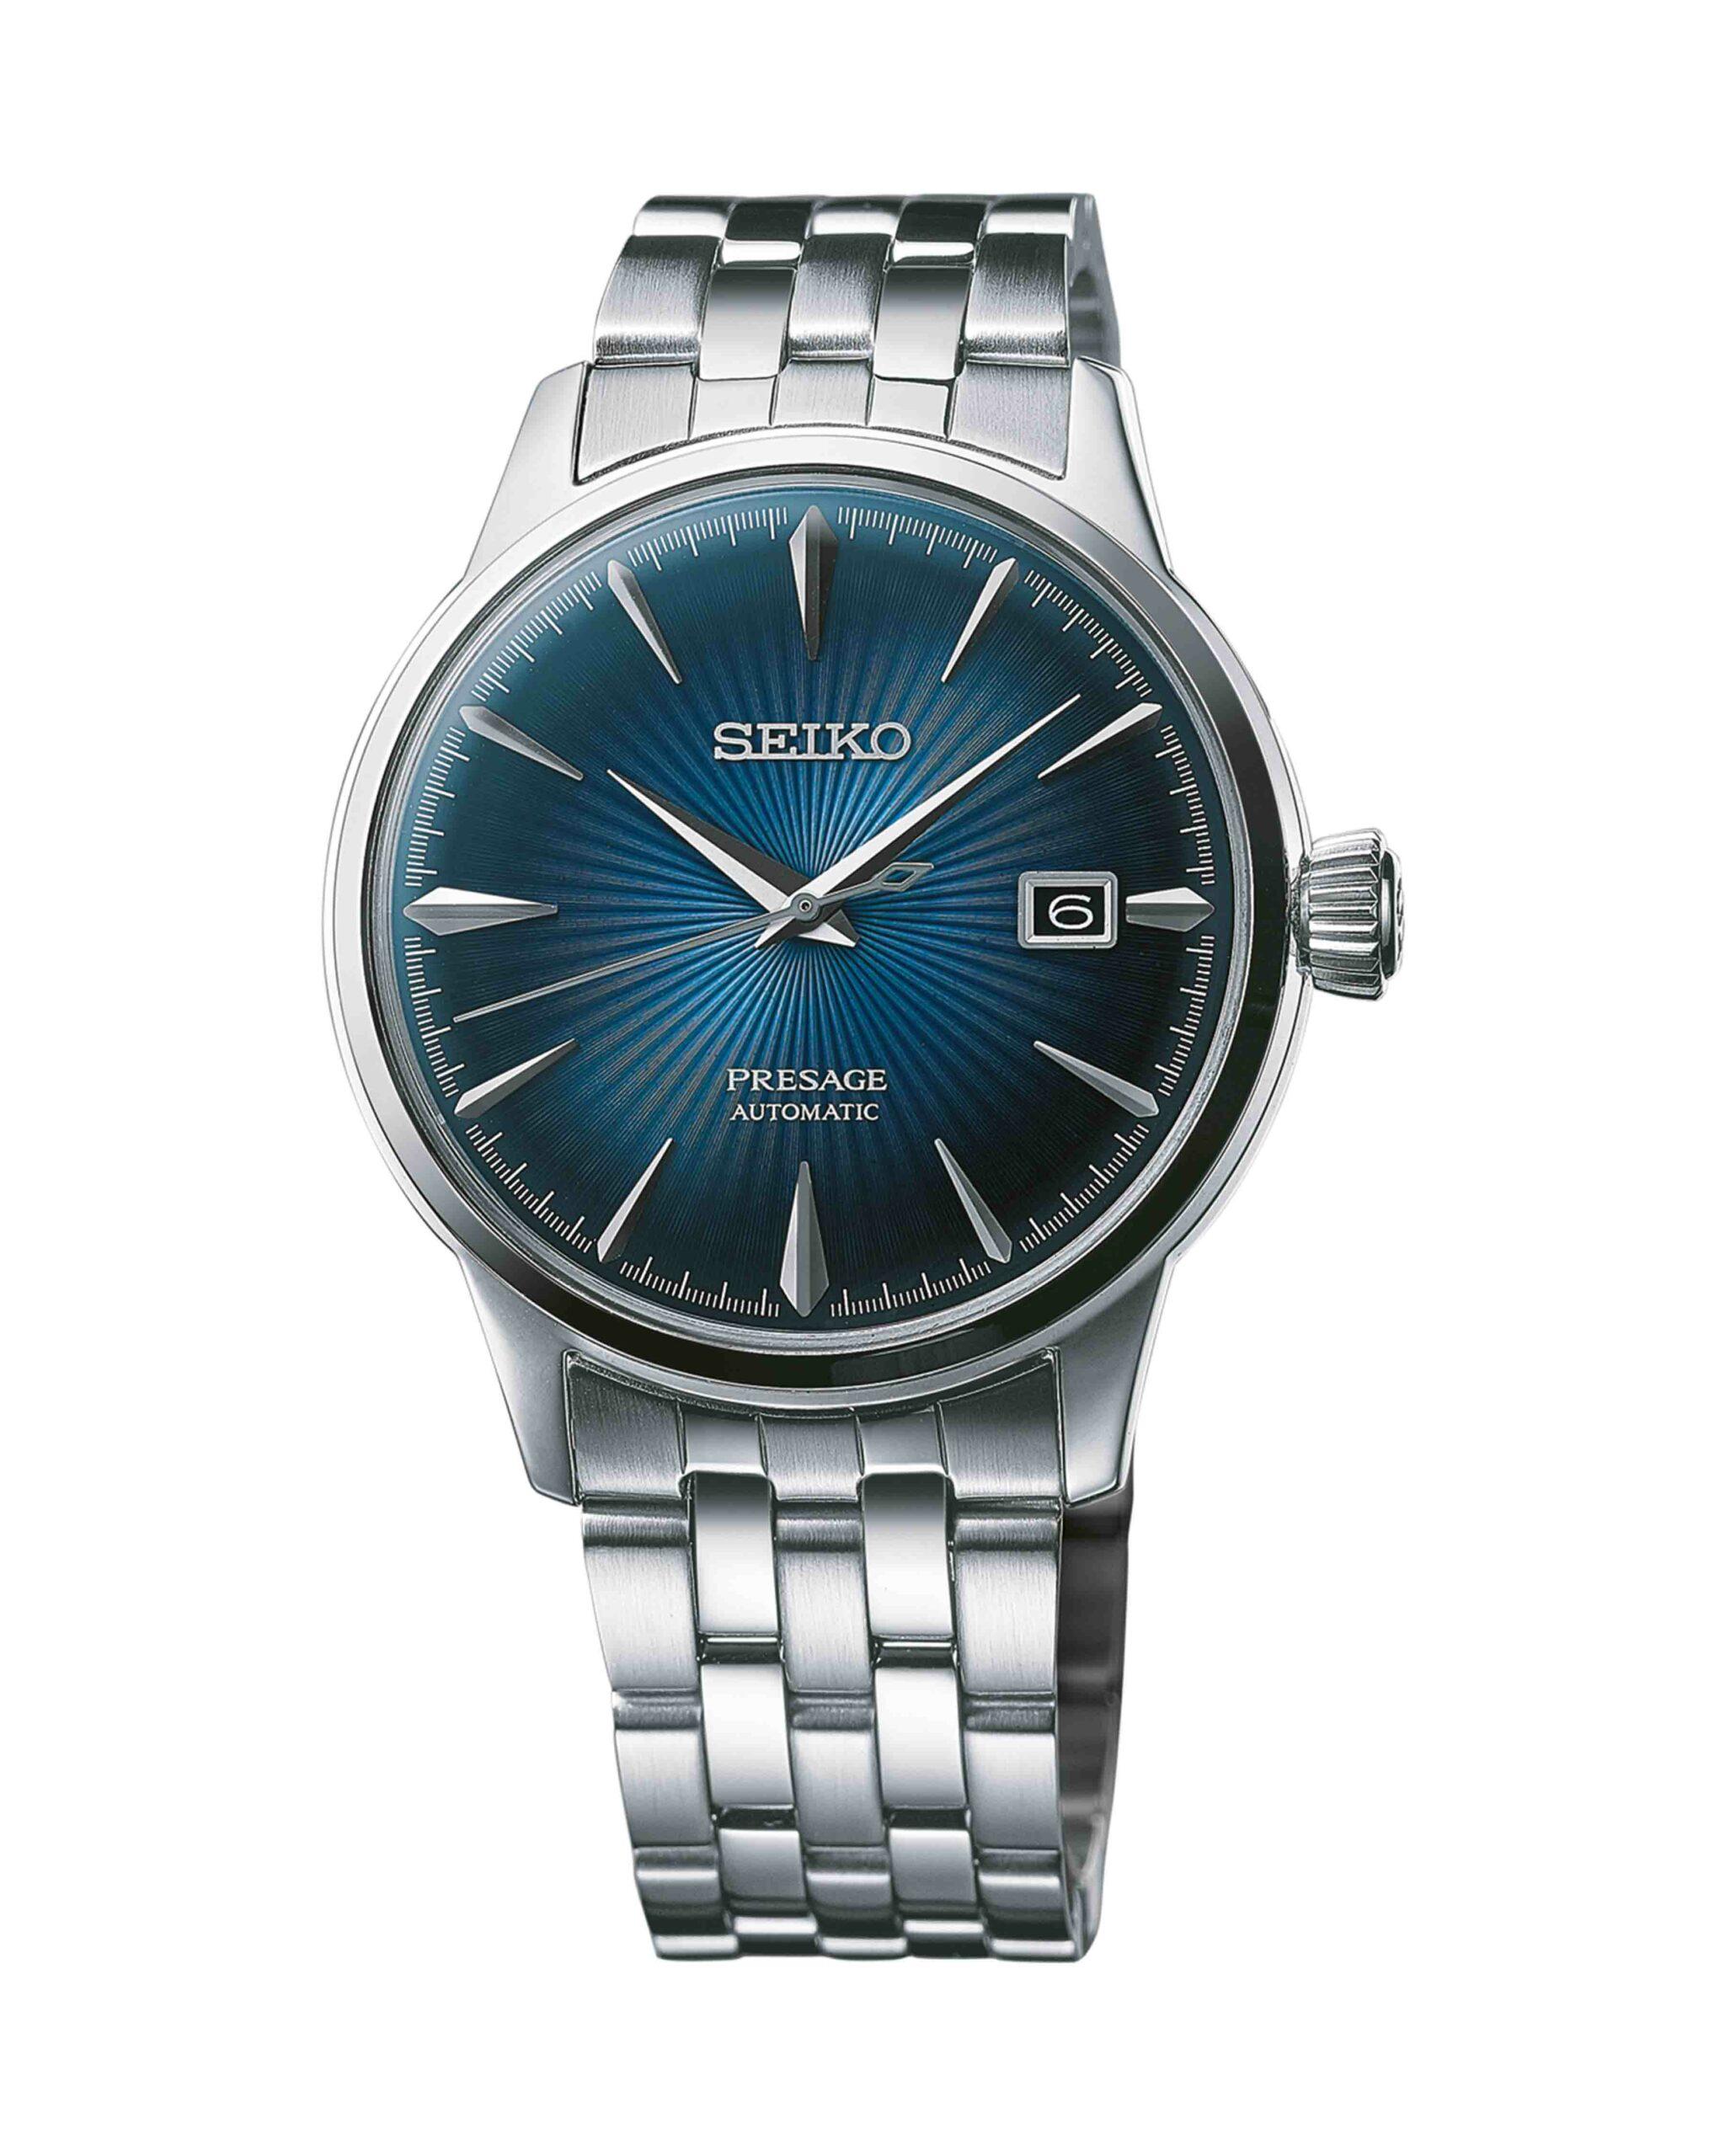 Besten Uhren unter 1000 Euro: Seiko Presage